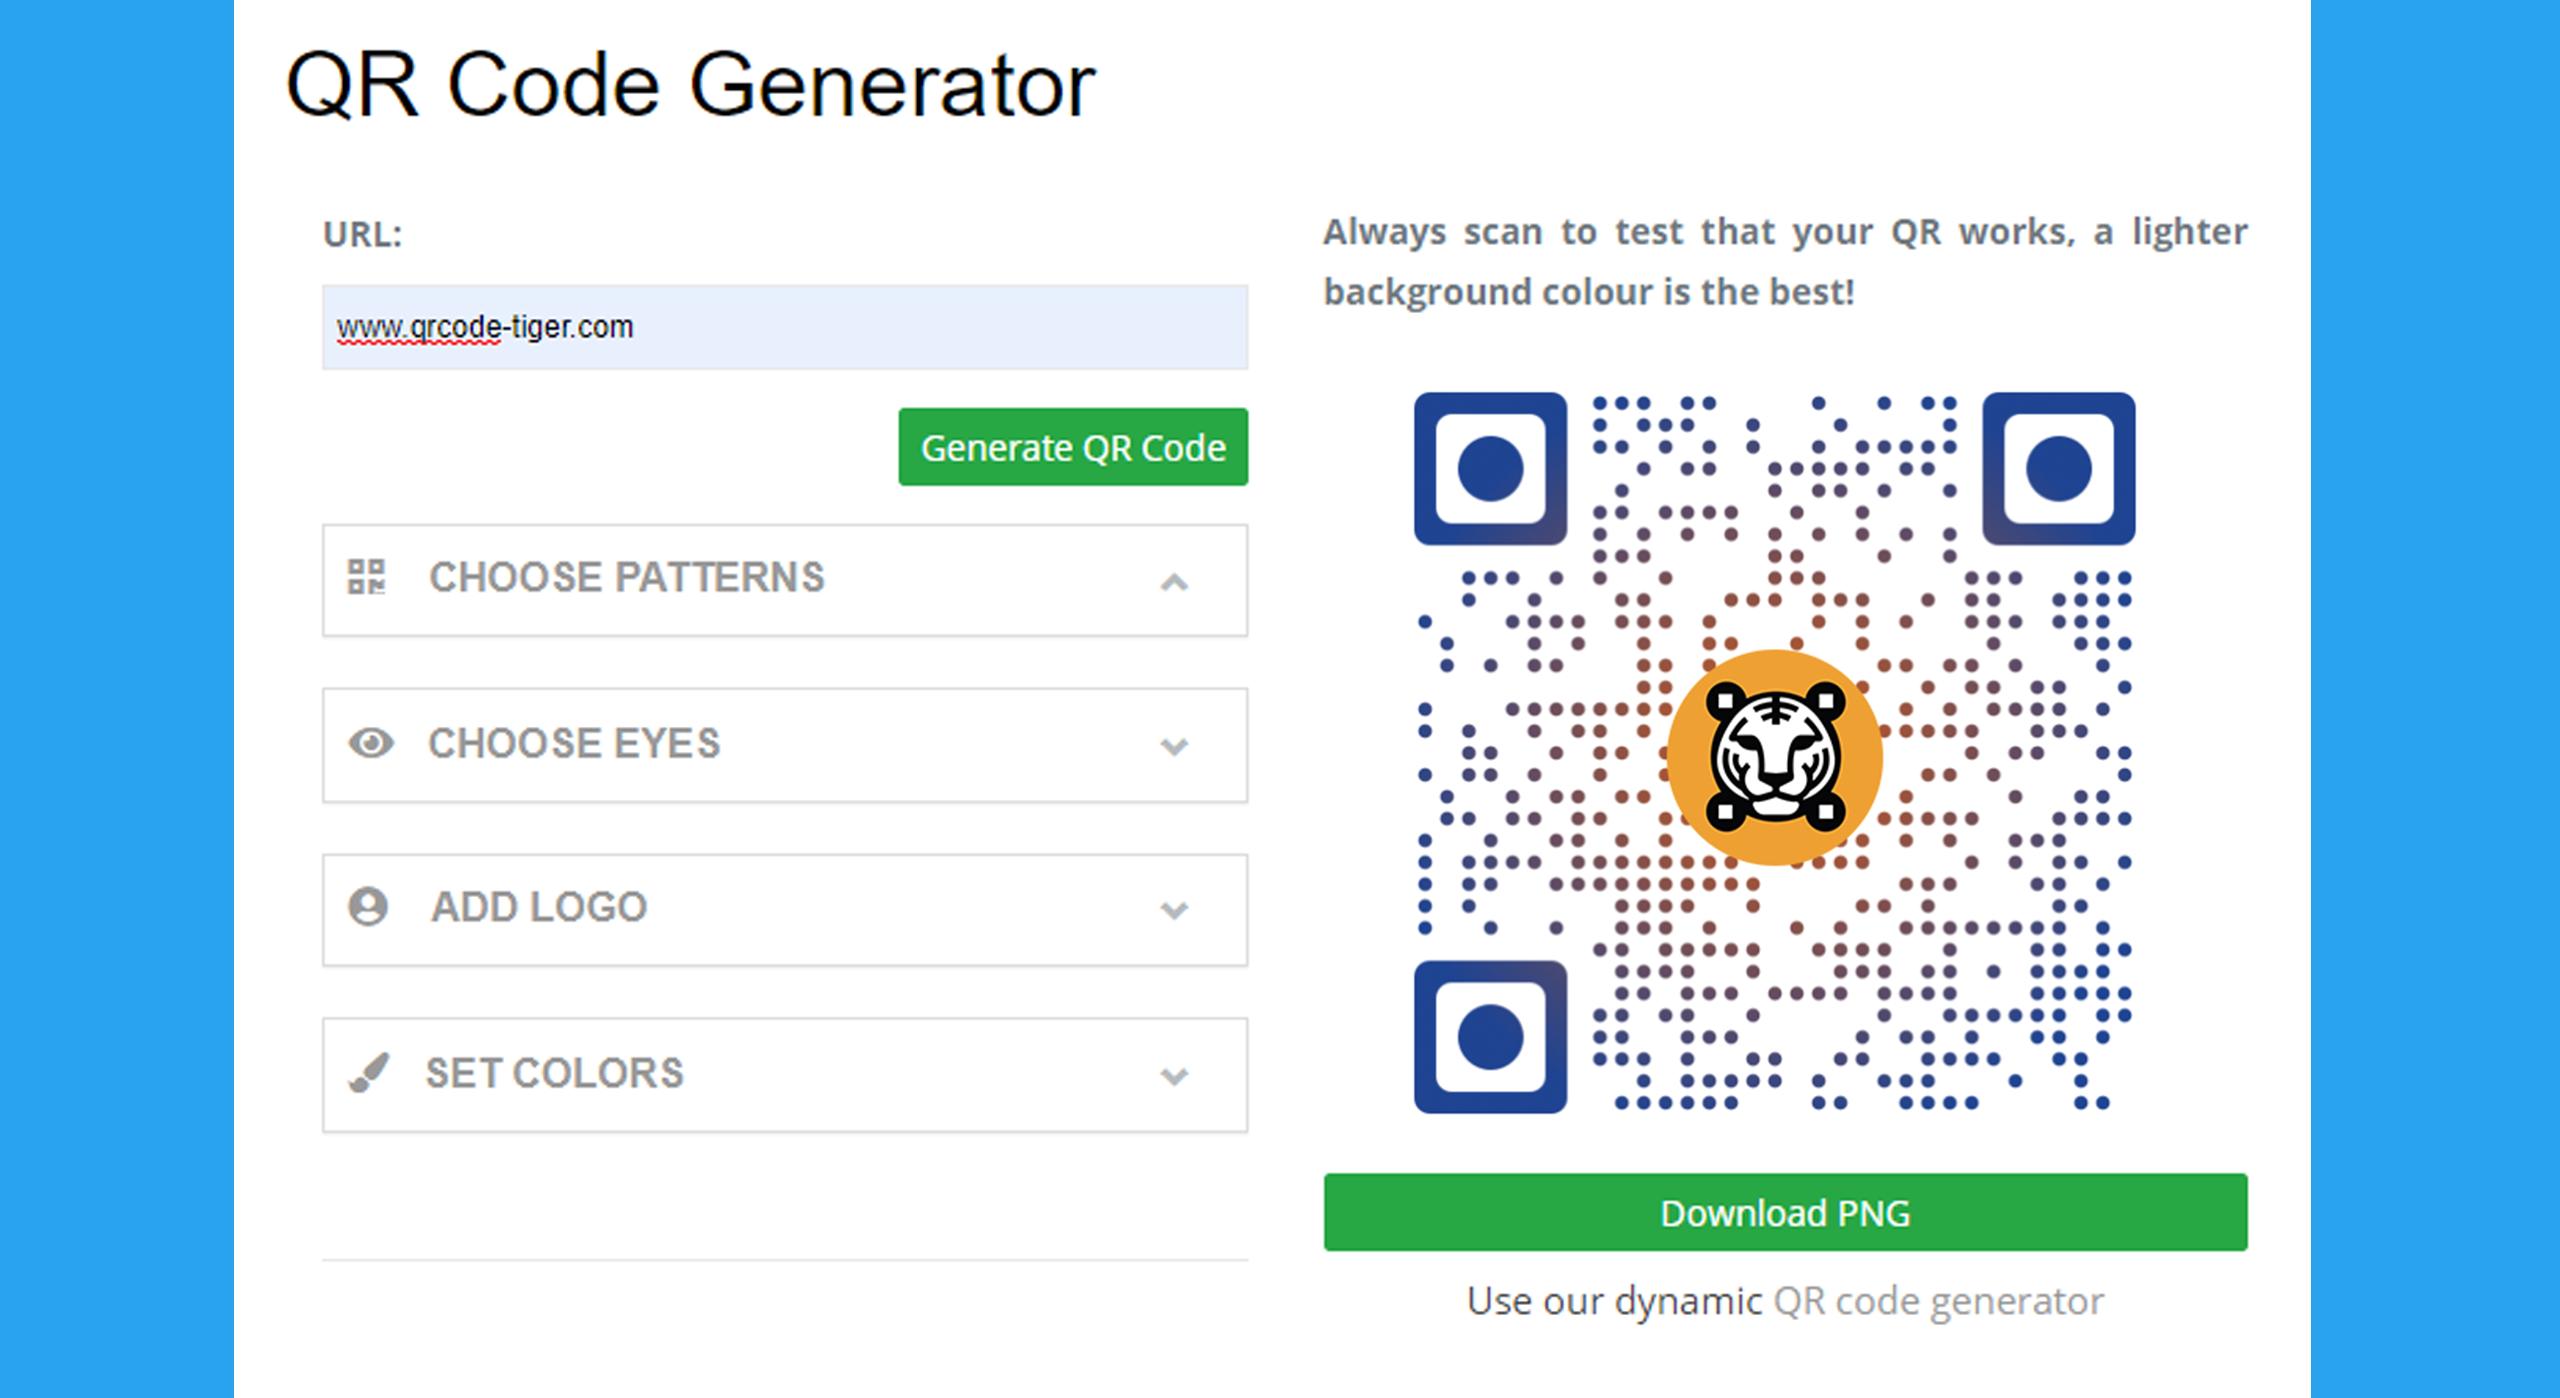 QRTiger - Make a static QR code with logo for Free!